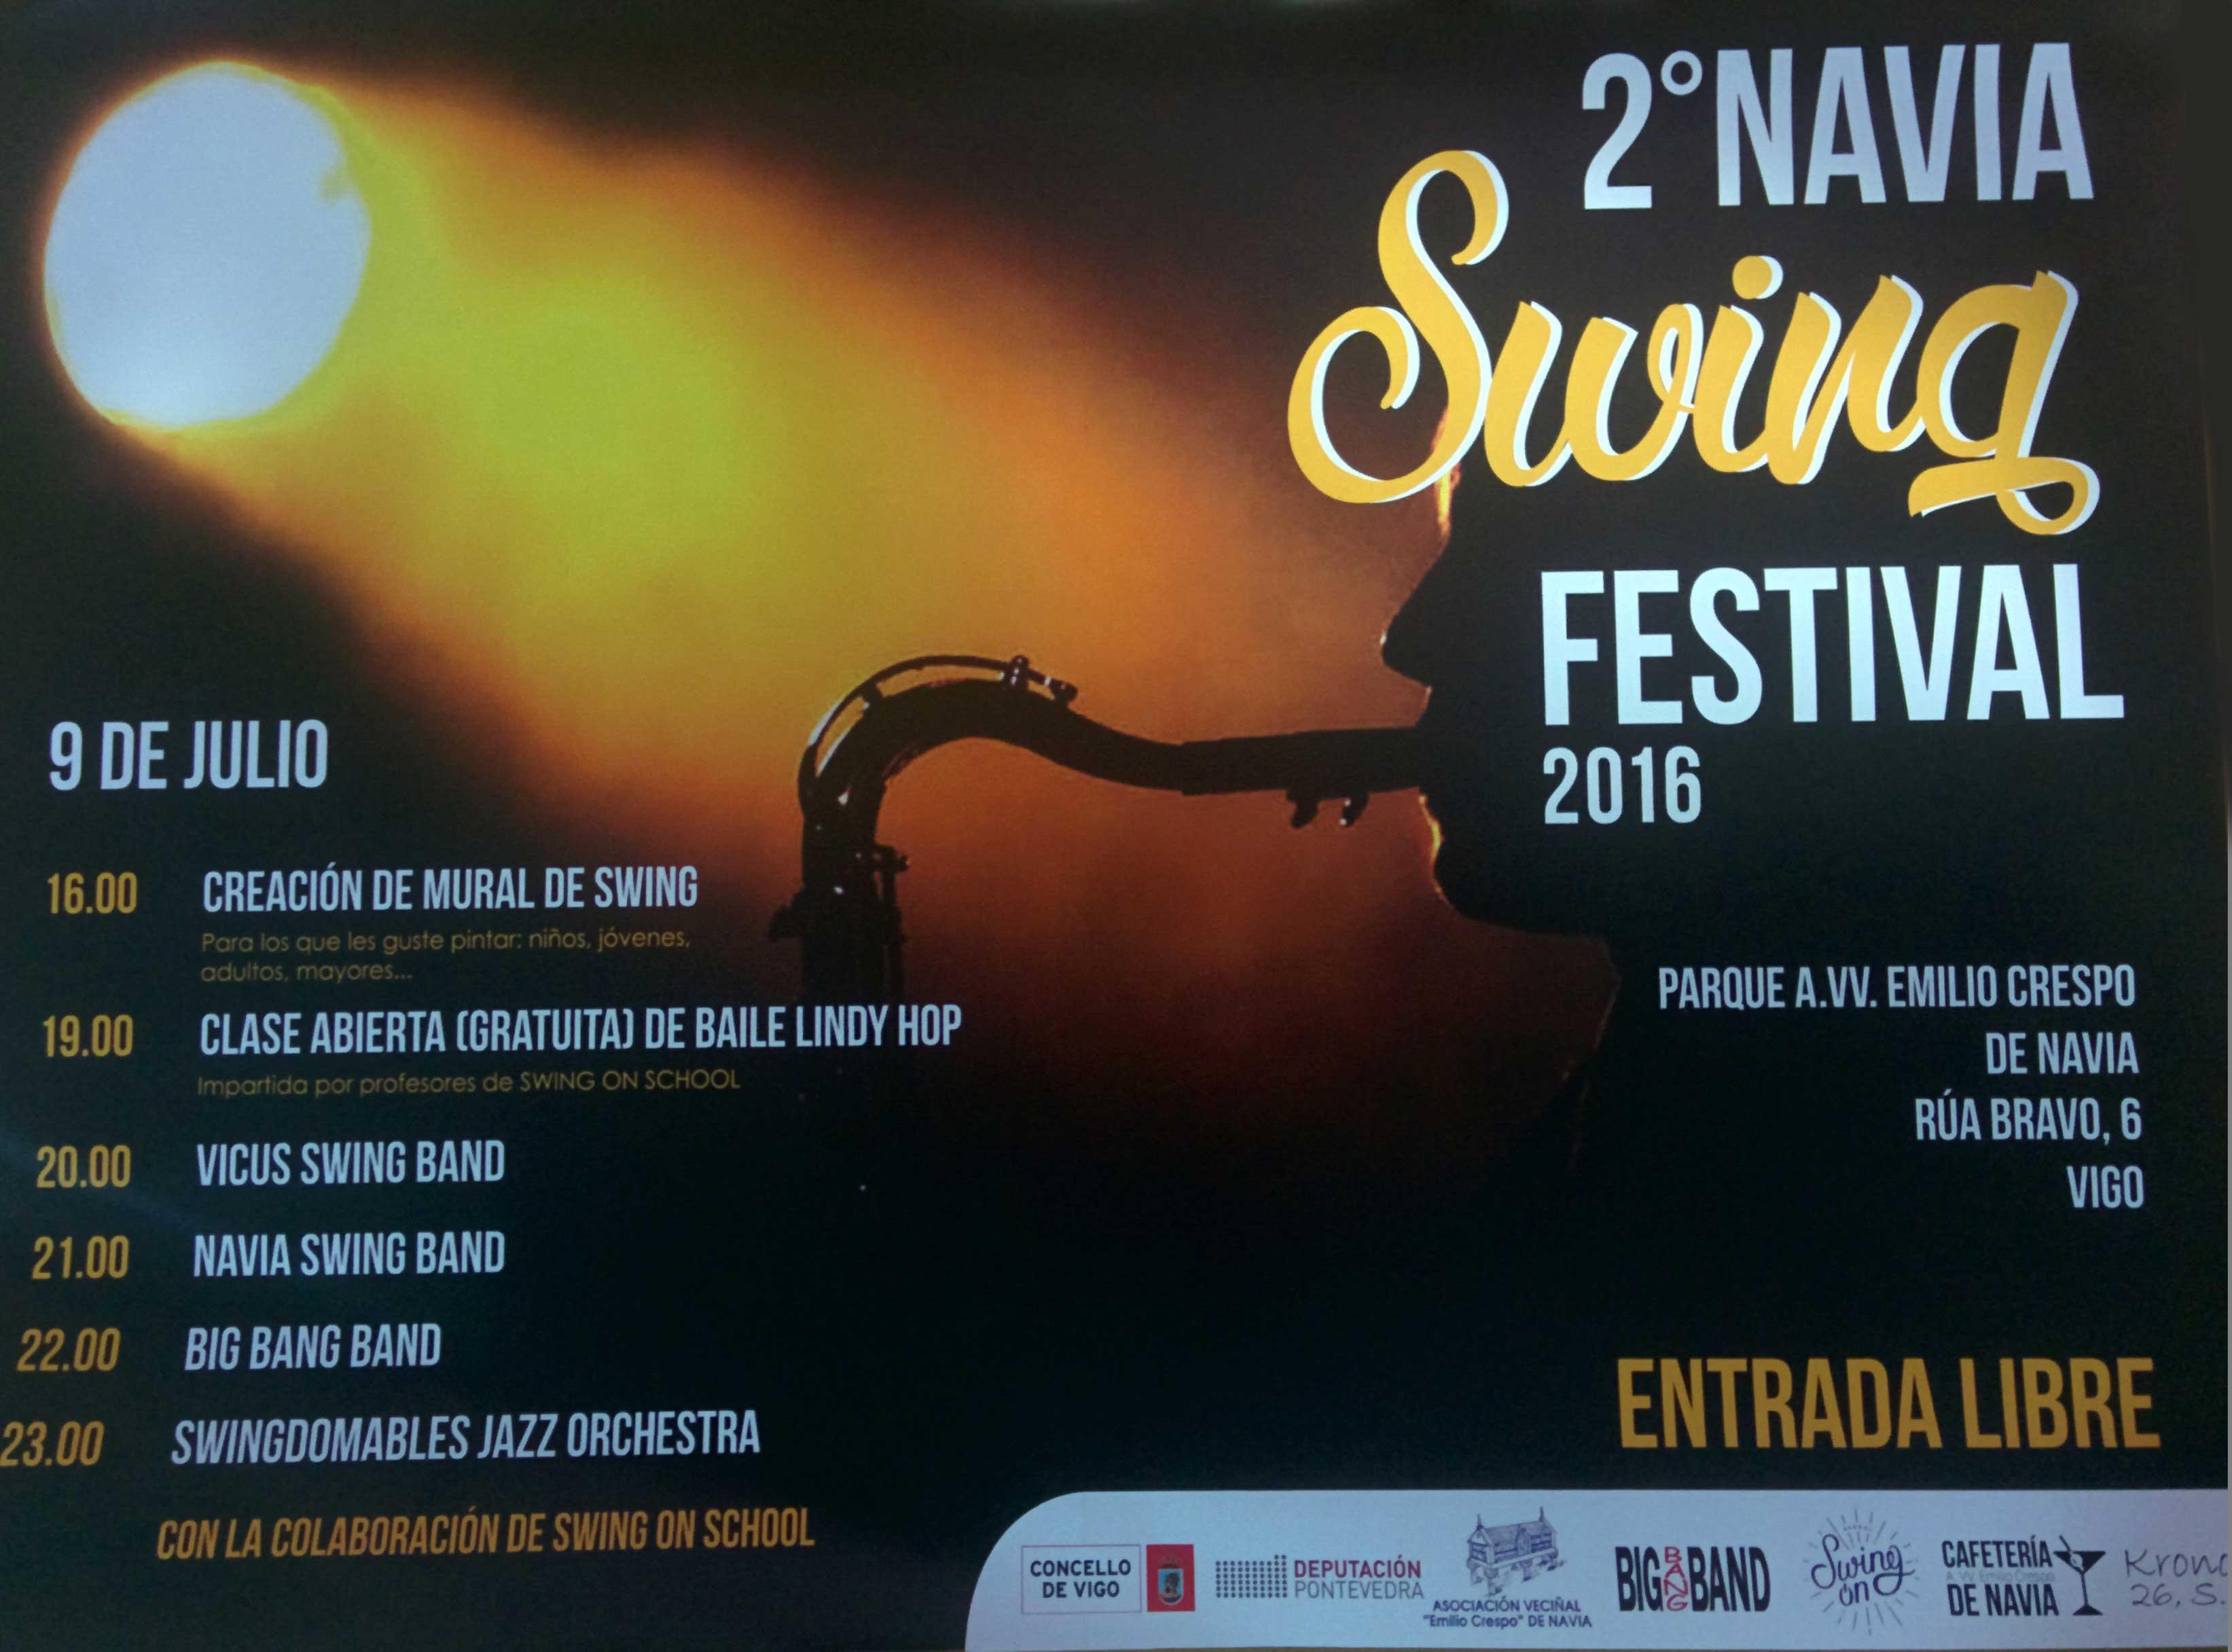 II Navia Swing Festival 2016